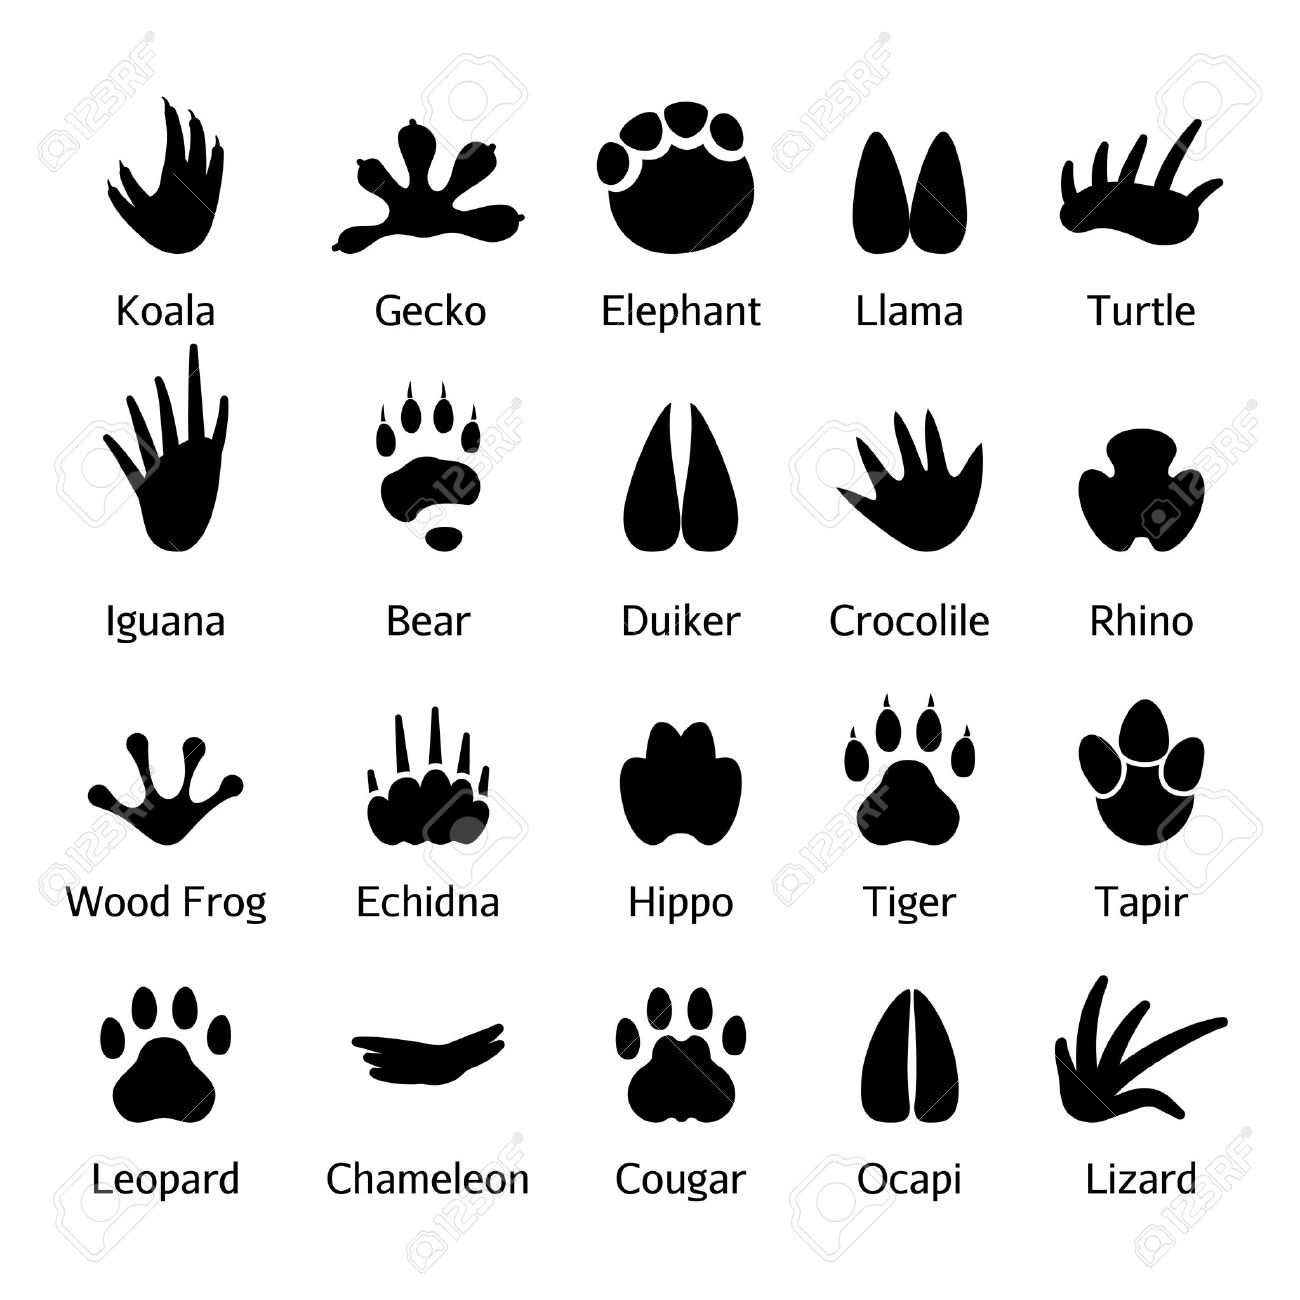 動物や爬虫類の足跡ベクトル。足を踏み入れた野生動物、黒いシルエットの